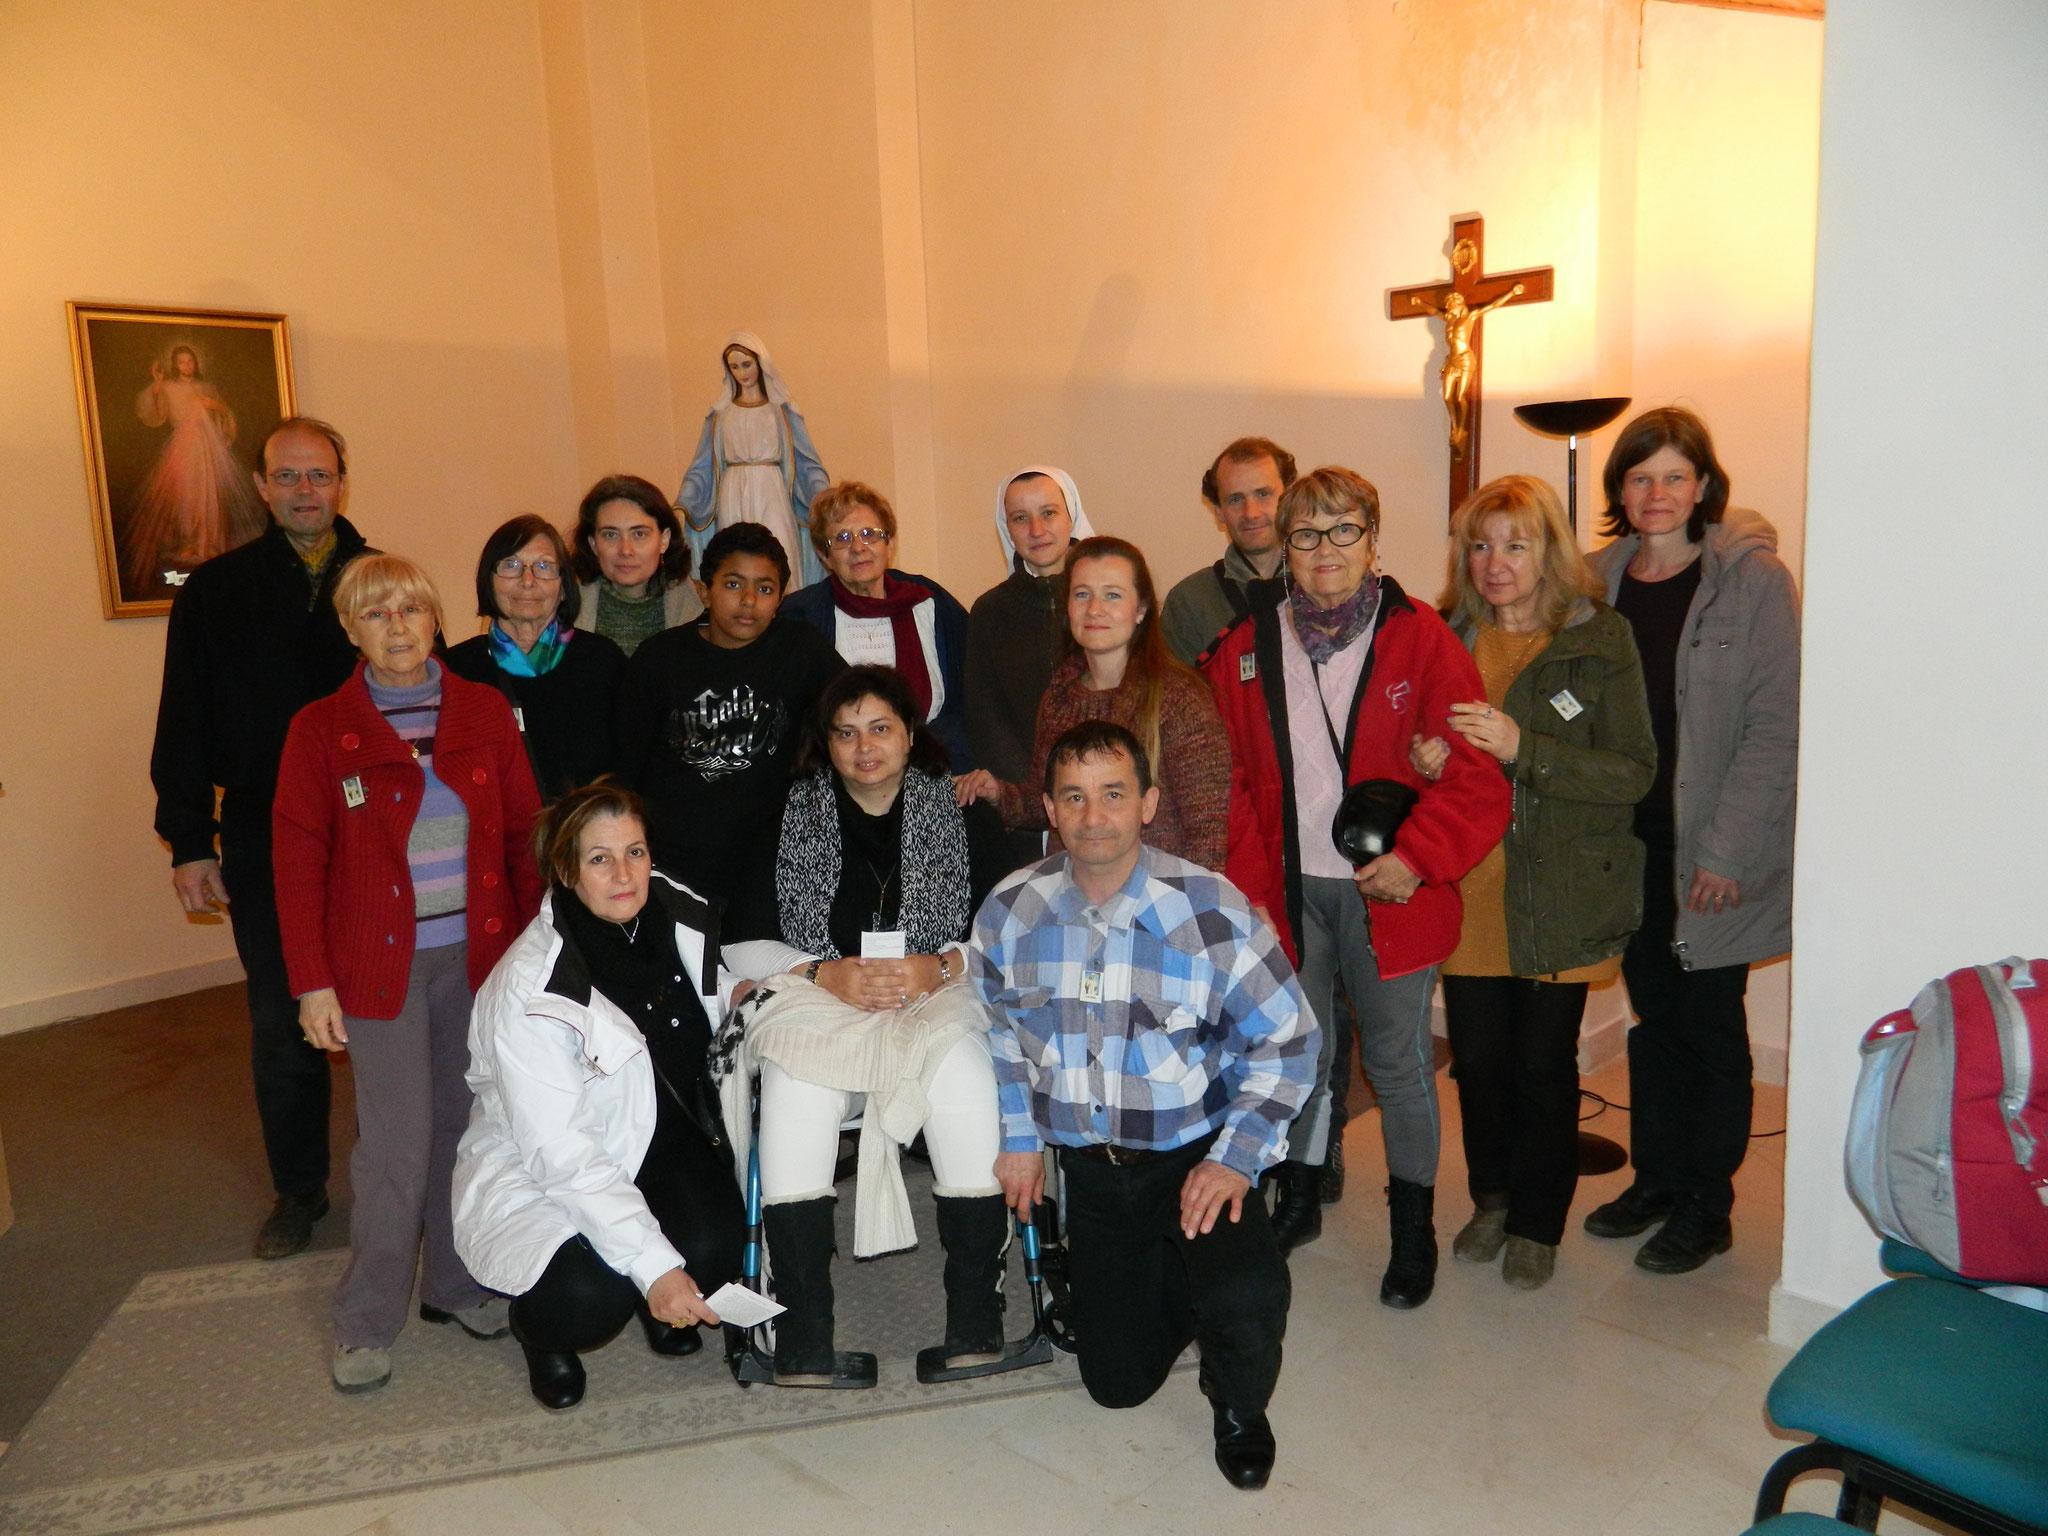 En février 2012, avec nos amis de Toulon (sud de la France)